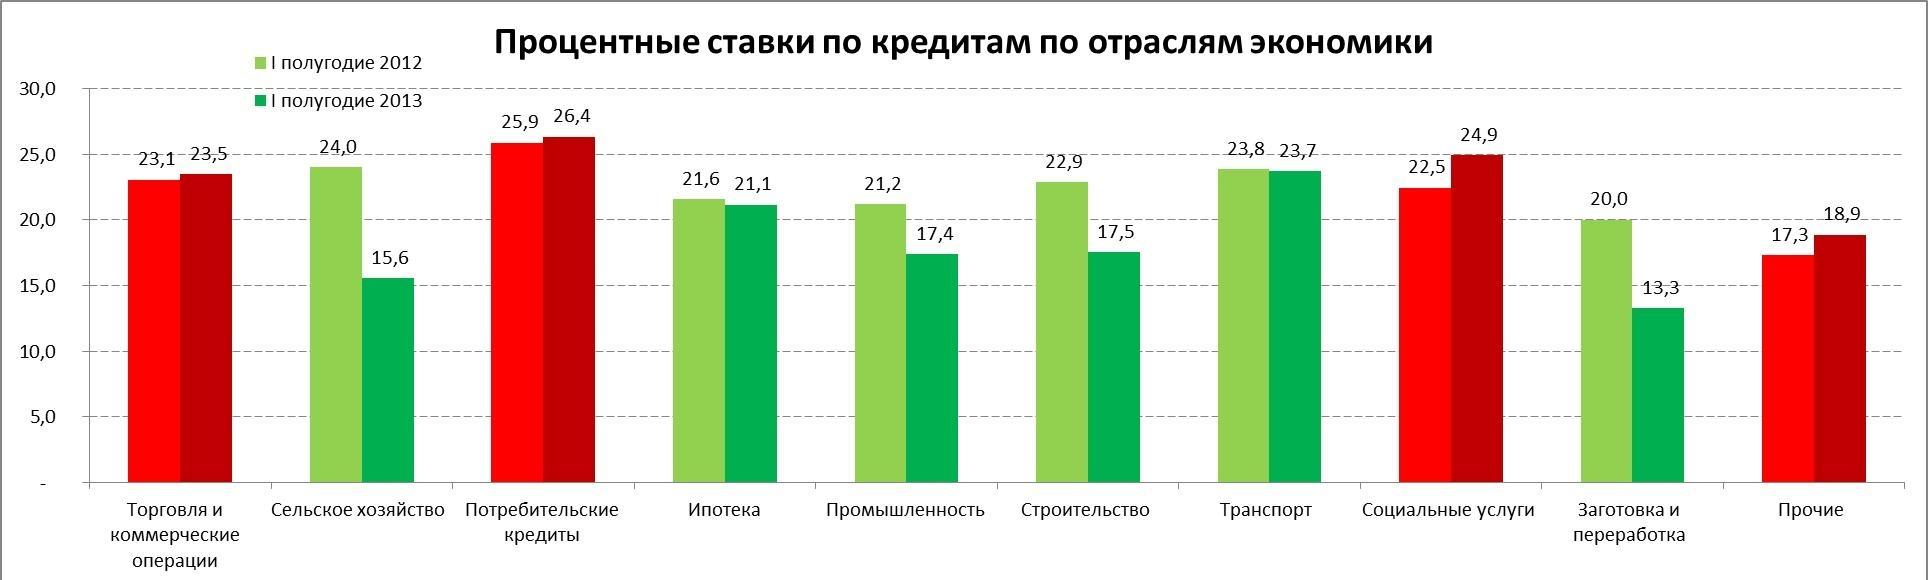 проценты по займам 2016